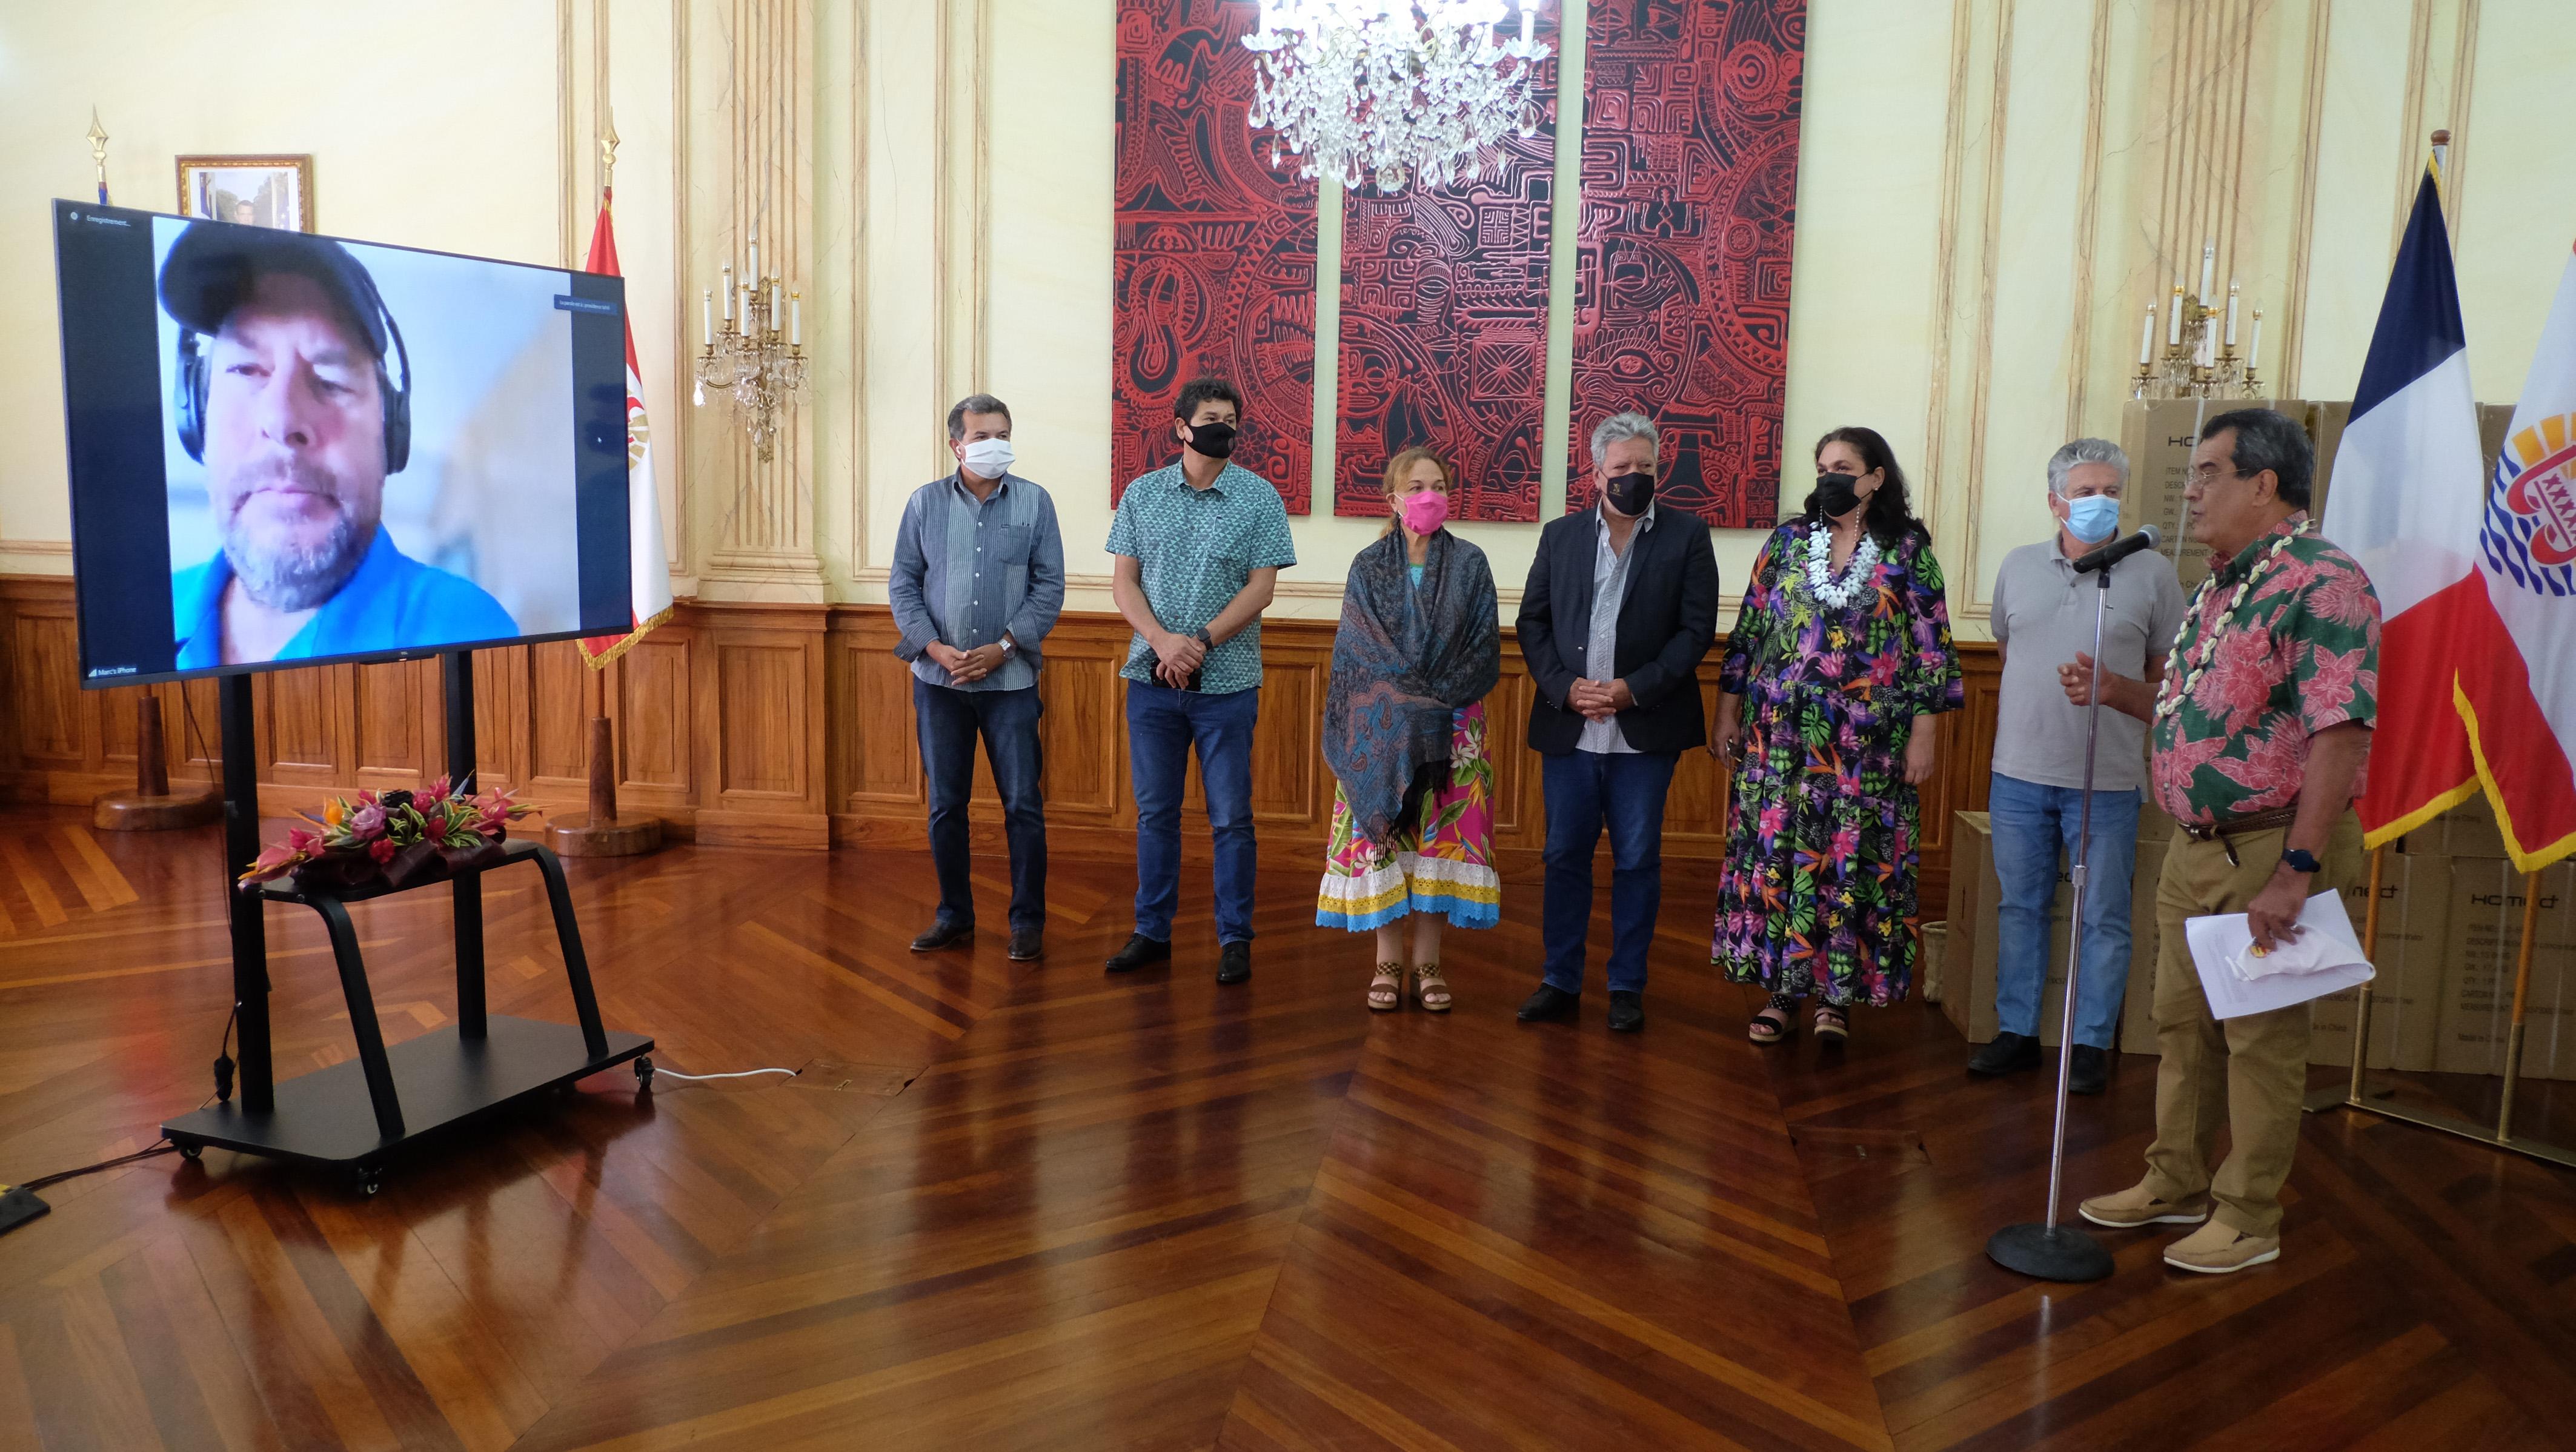 Marc Benioff était en visioconférence avec Édouard Fritch depuis Hawaii.  Le président du Pays a tenu à remercier chaleureusement le mécène américain au nom de l'ensemble de la Polynésie française.